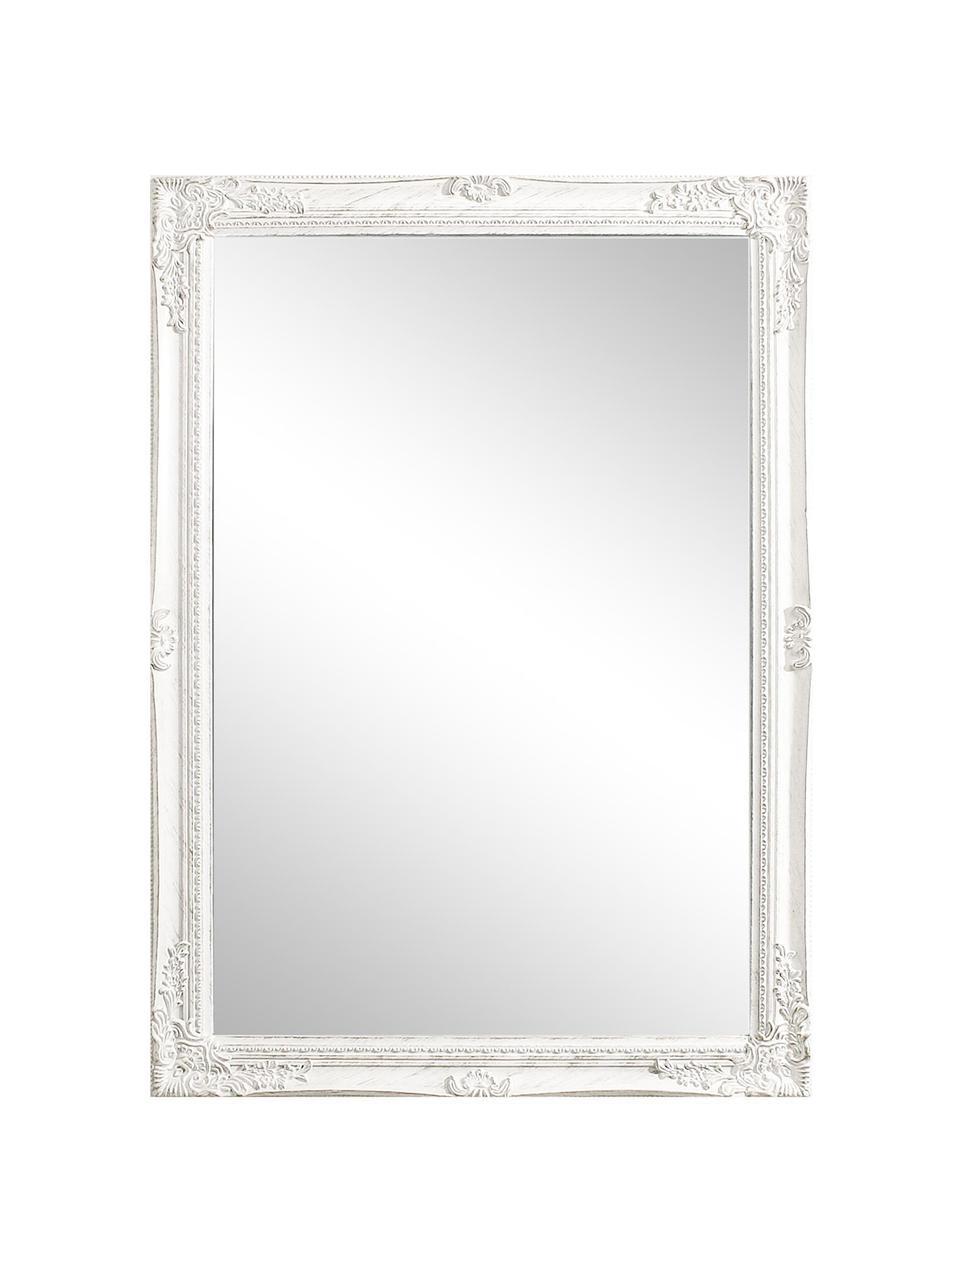 Eckiger Wandspiegel Miro mit weißem Holzrahmen, Rahmen: Holz, beschichtet, Spiegelfläche: Spiegelglas, Weiß, 72 x 102 cm